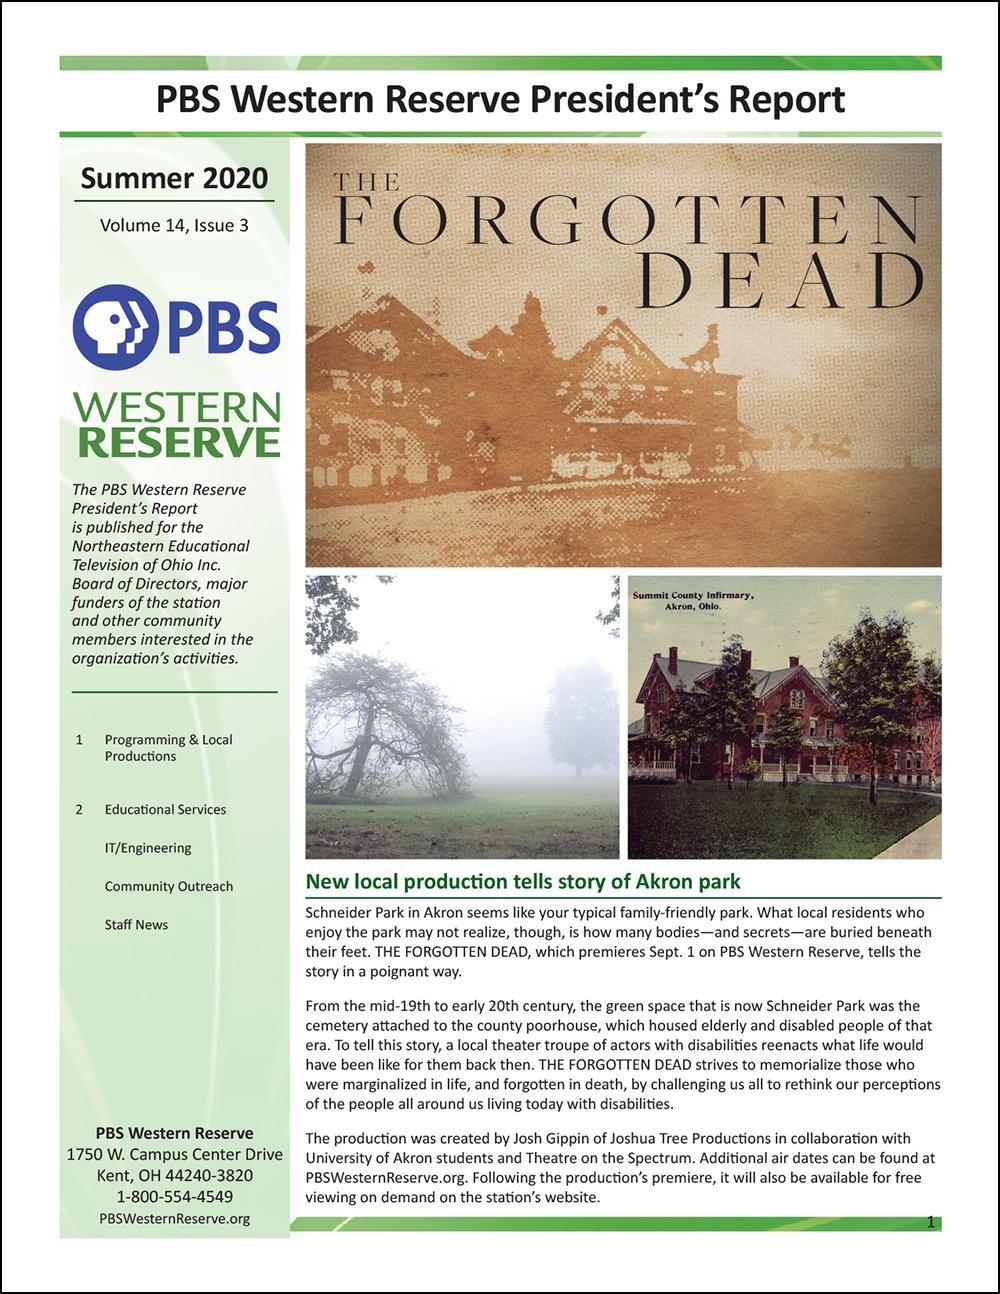 President's Report - Summer 2020 - Volume 14, Issue 3